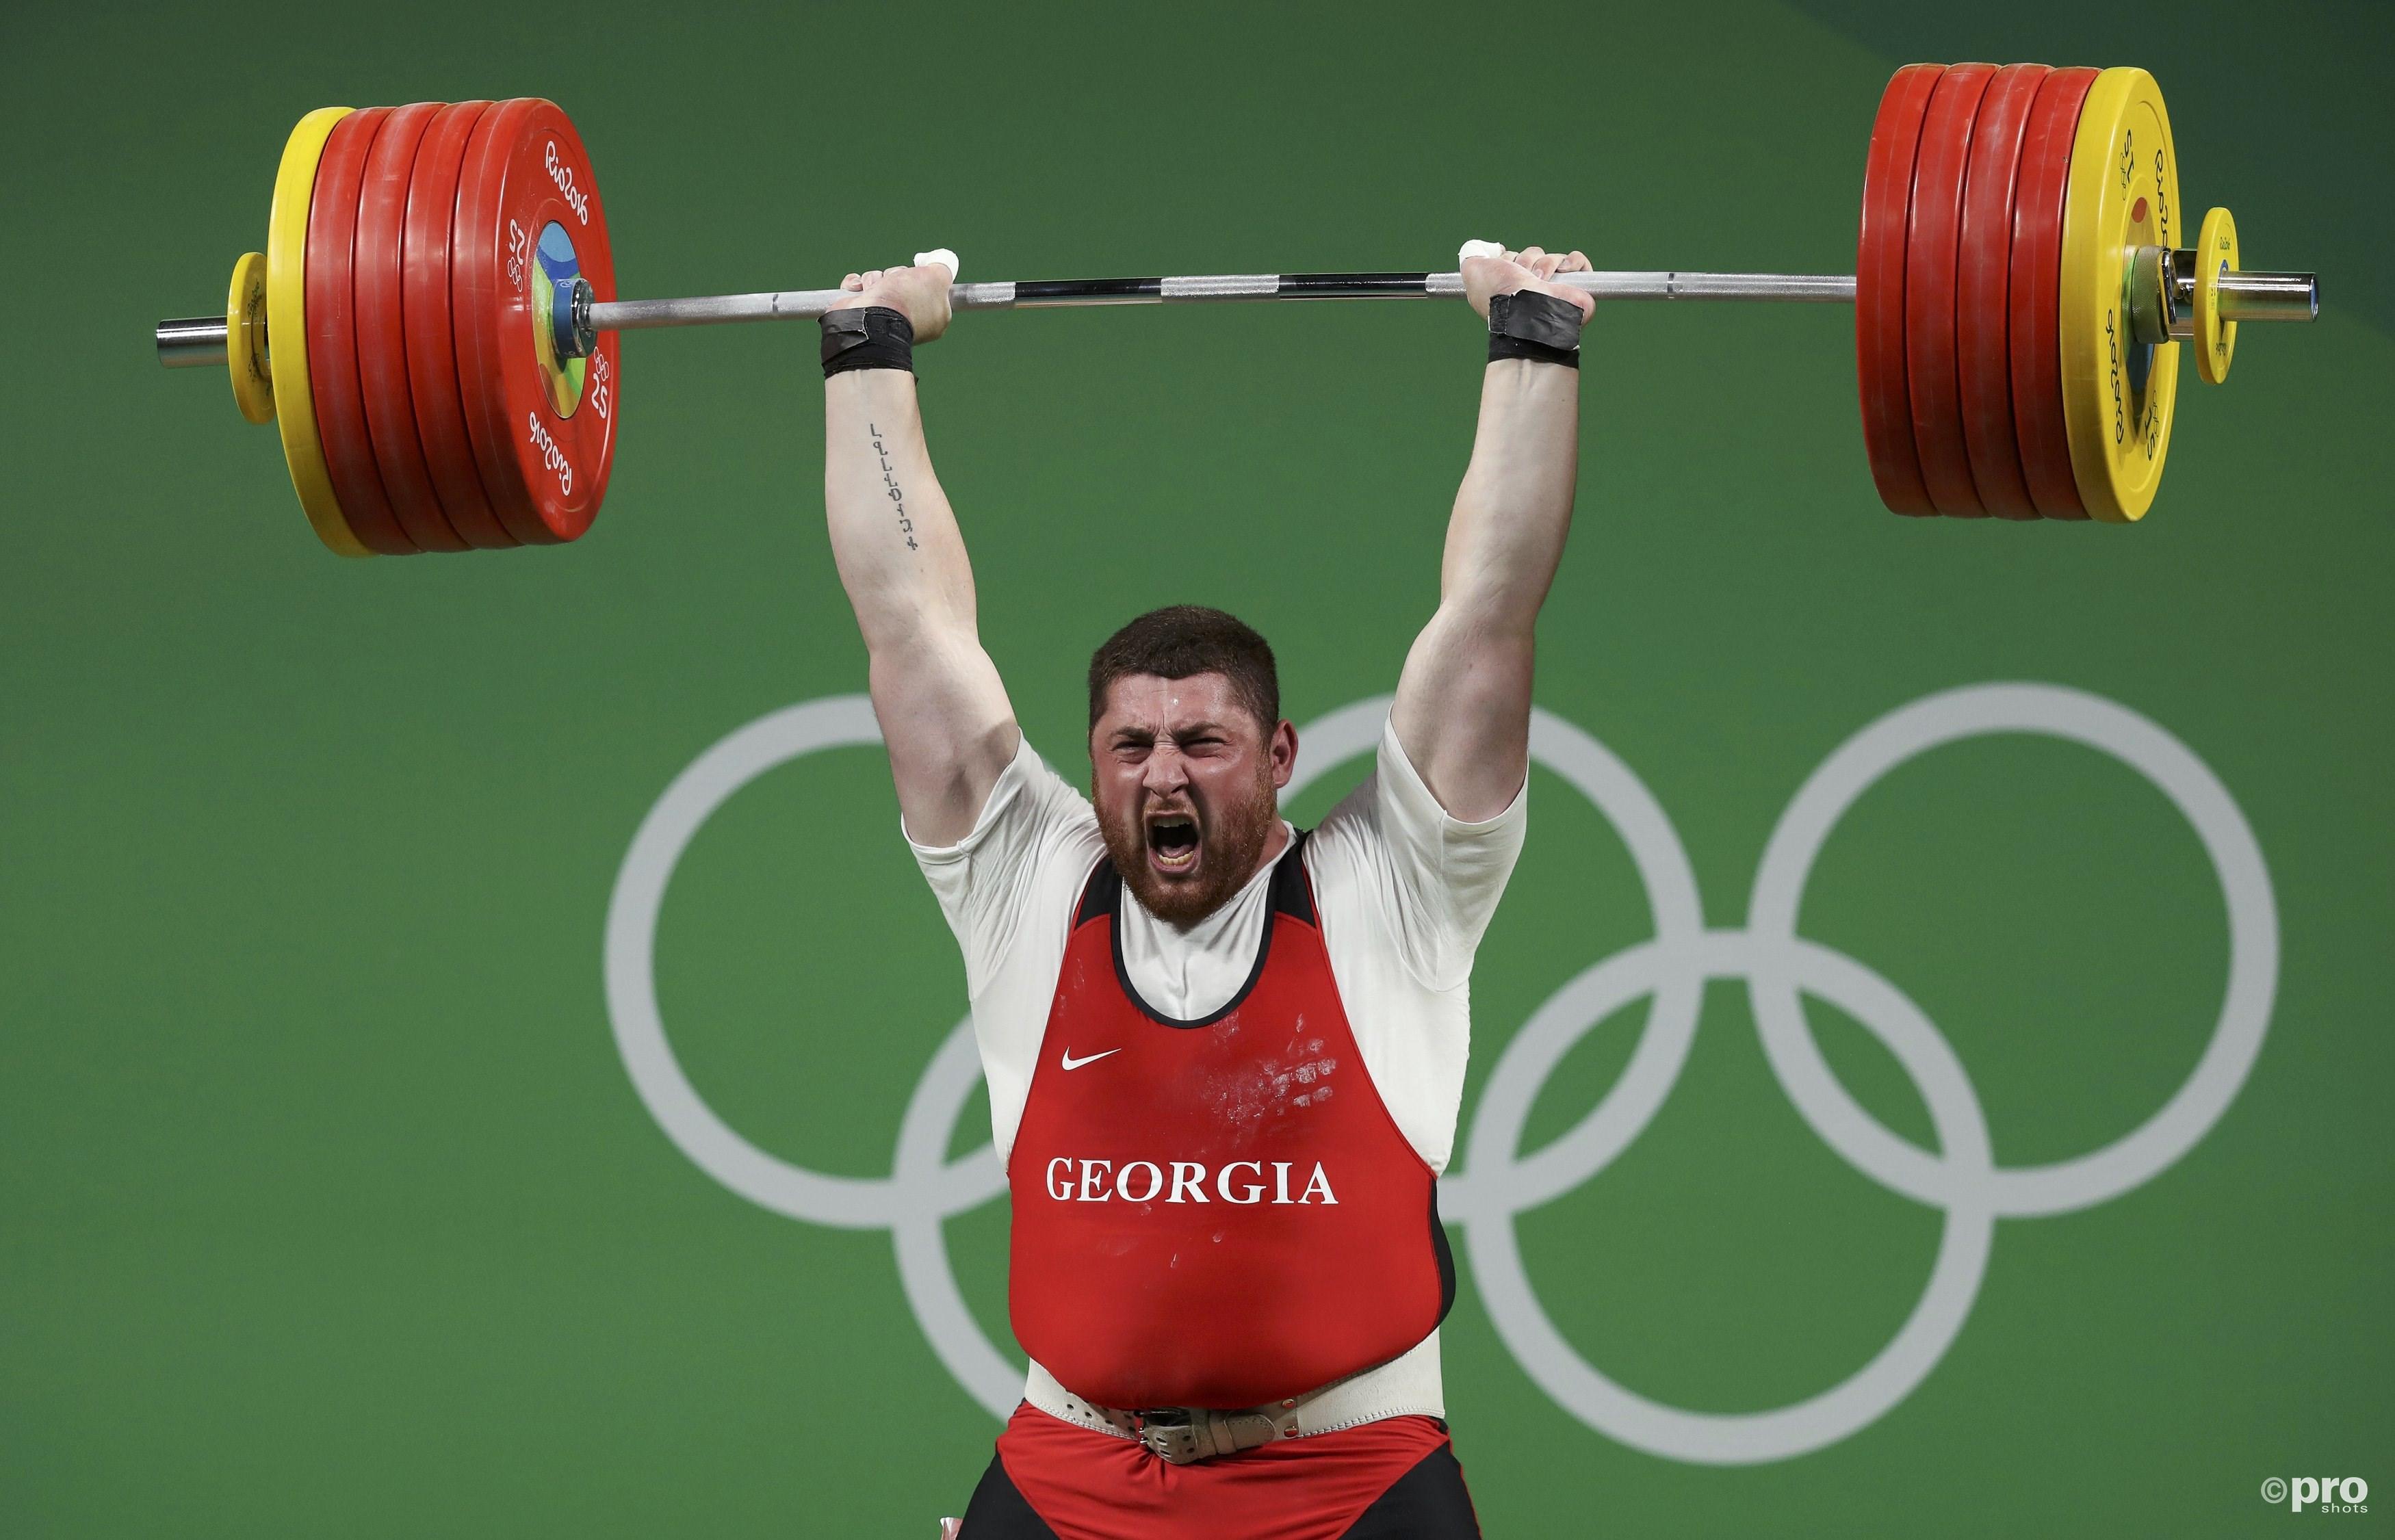 Talakadze knalt met speels gemak 258kg boven zijn hoofd (PROSHOTS/Action Images)